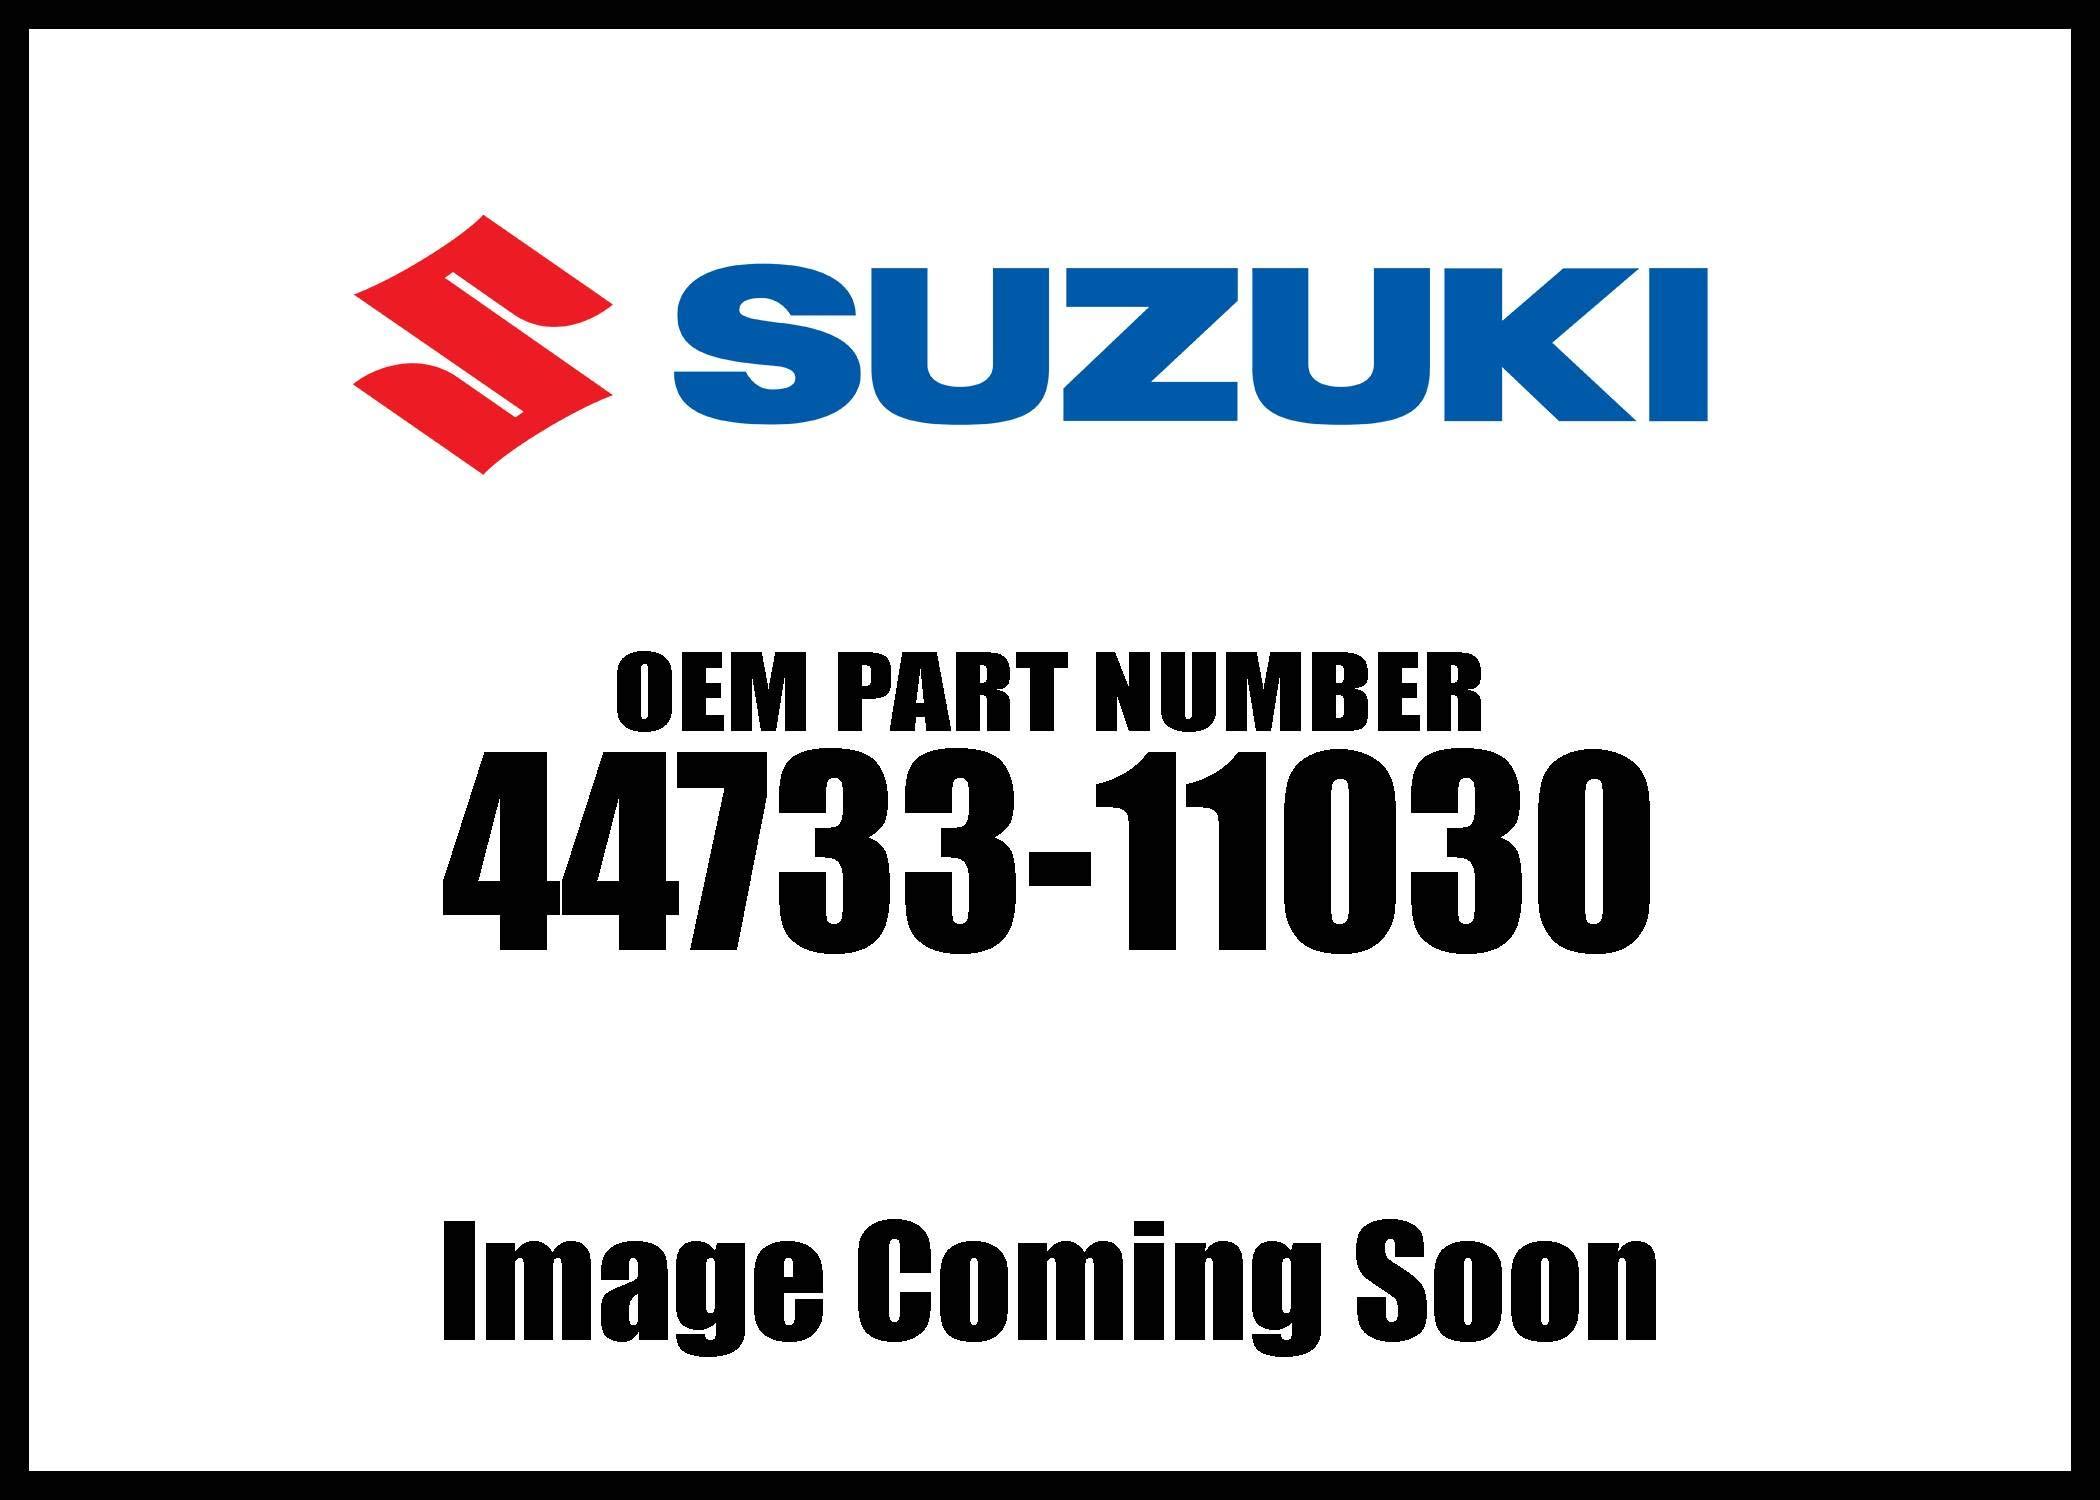 Suzuki Oil Tank Out Ga 44733-11030 New Oem